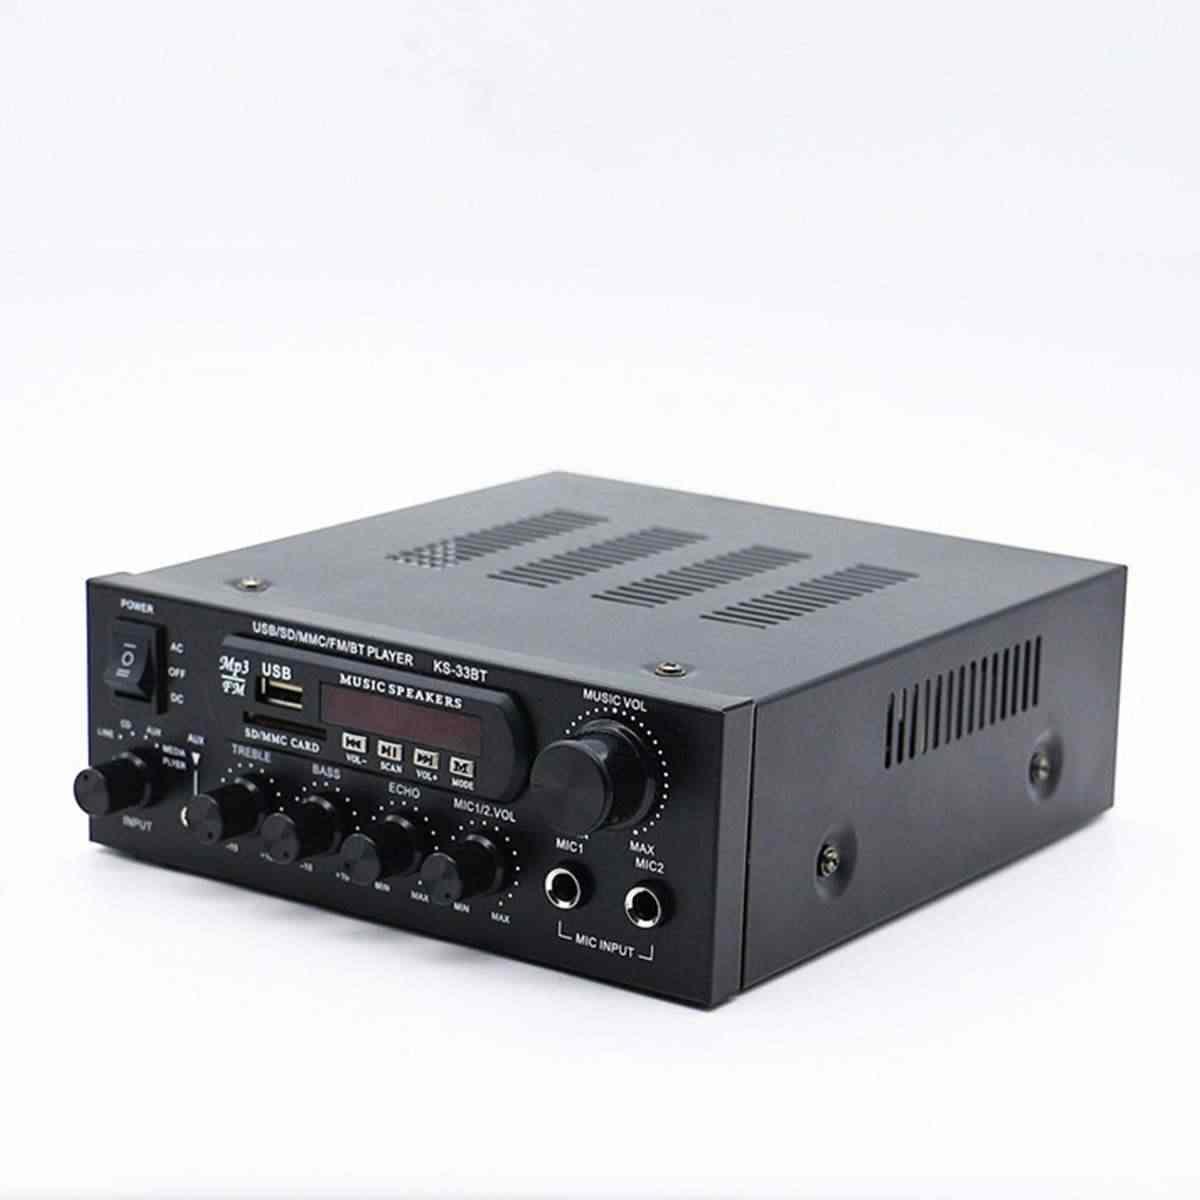 1000 Вт домашние Усилители звука Hifi бас аудио усилитель мощности для домашнего кинотеатра, усилитель для сабвуферных динамиков